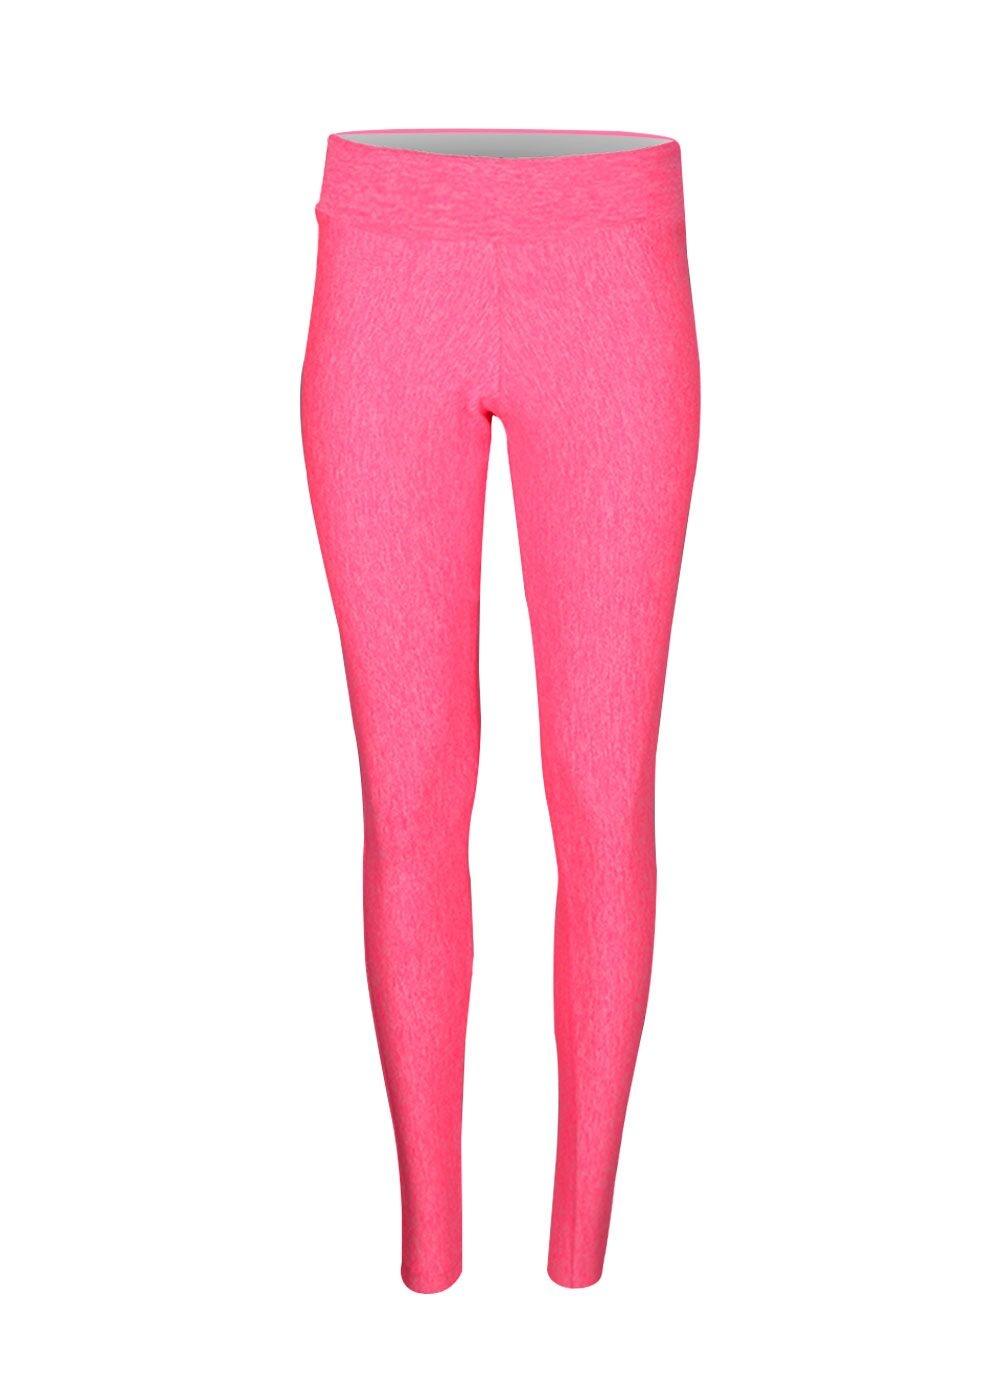 Supplex Tights : Pink Flek